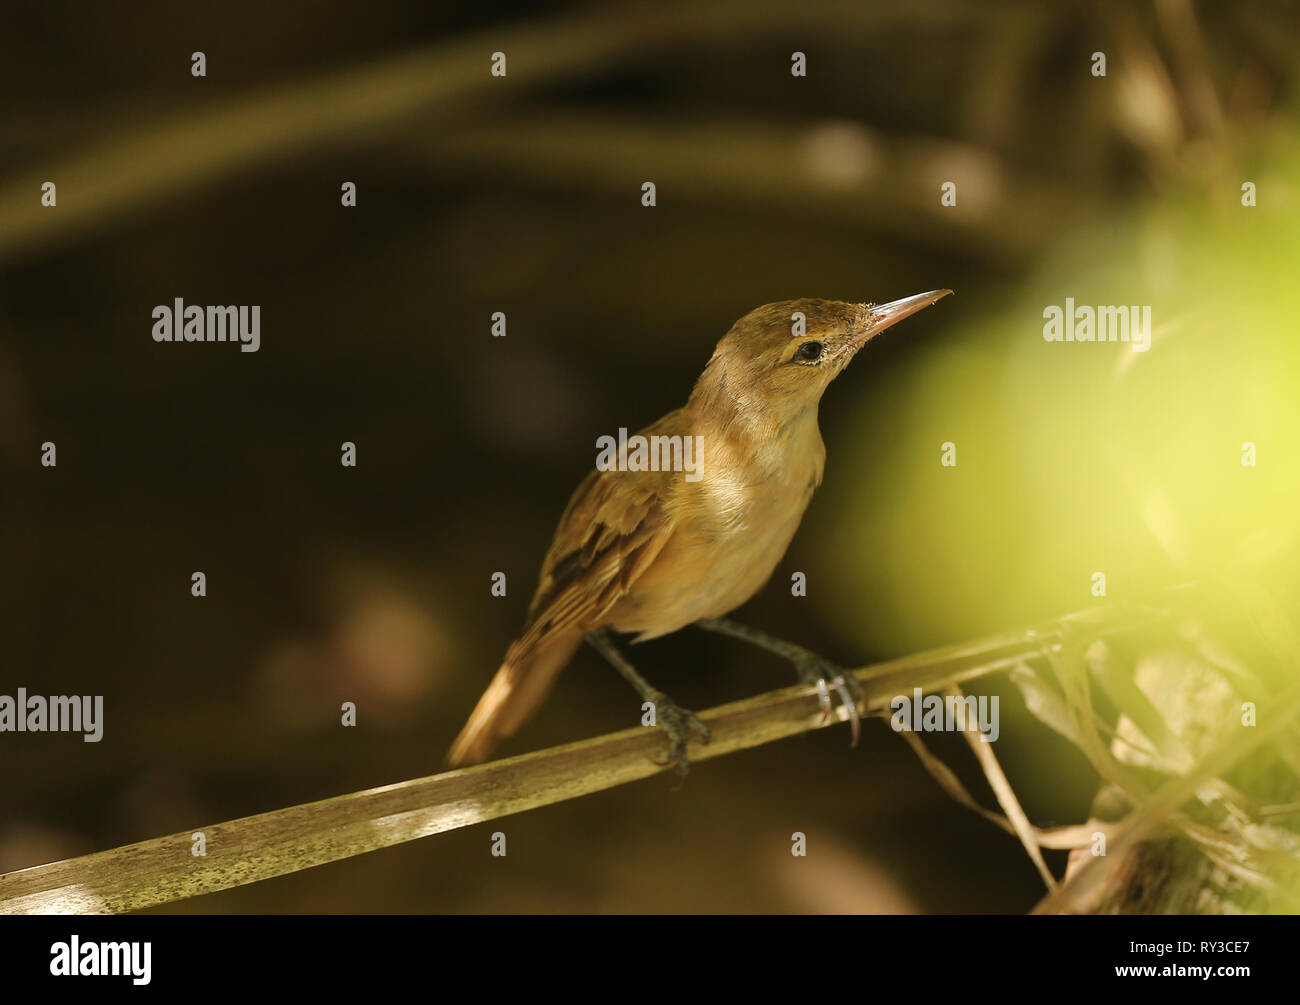 Tuamotu Reed Warbler - Stock Image